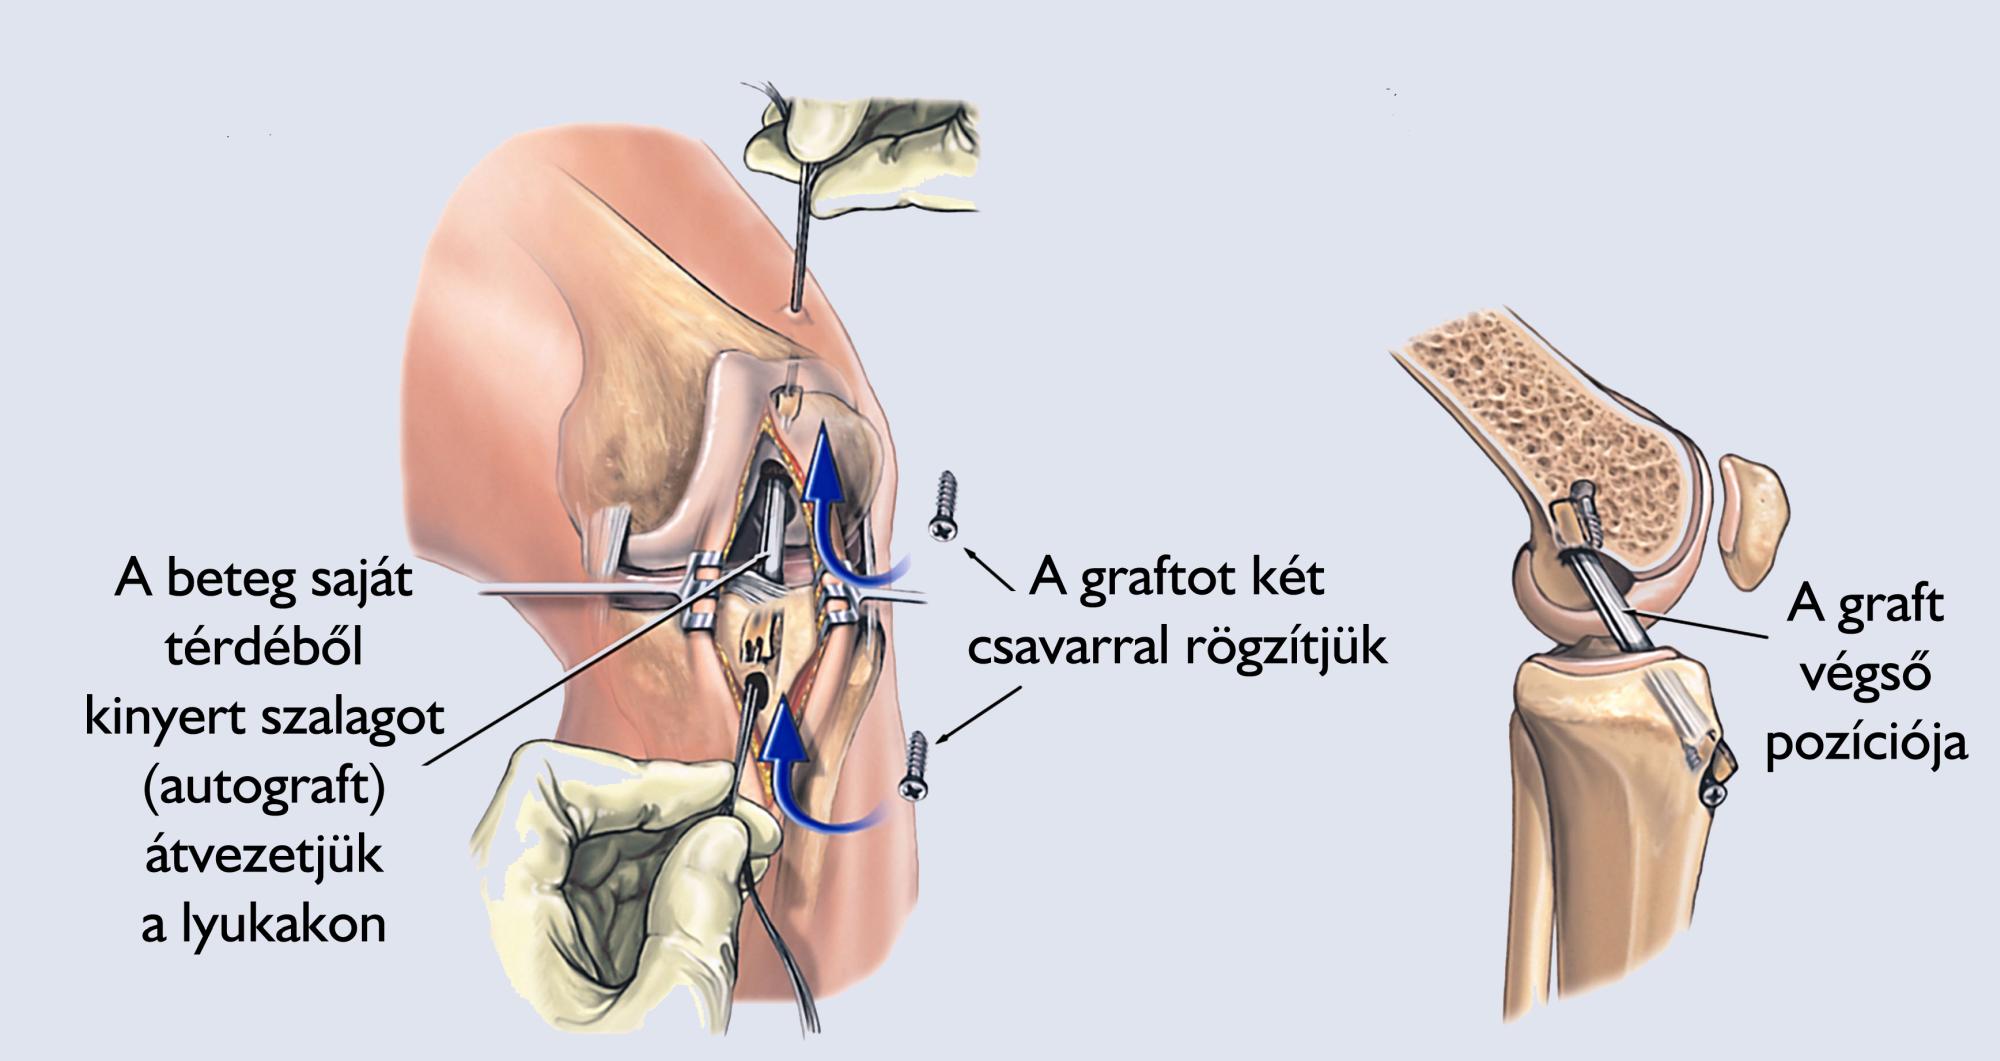 hogyan lehet helyreállítani az ízületeket rheumatoid arthritisben krém ízületi fájdalmakhoz borssal